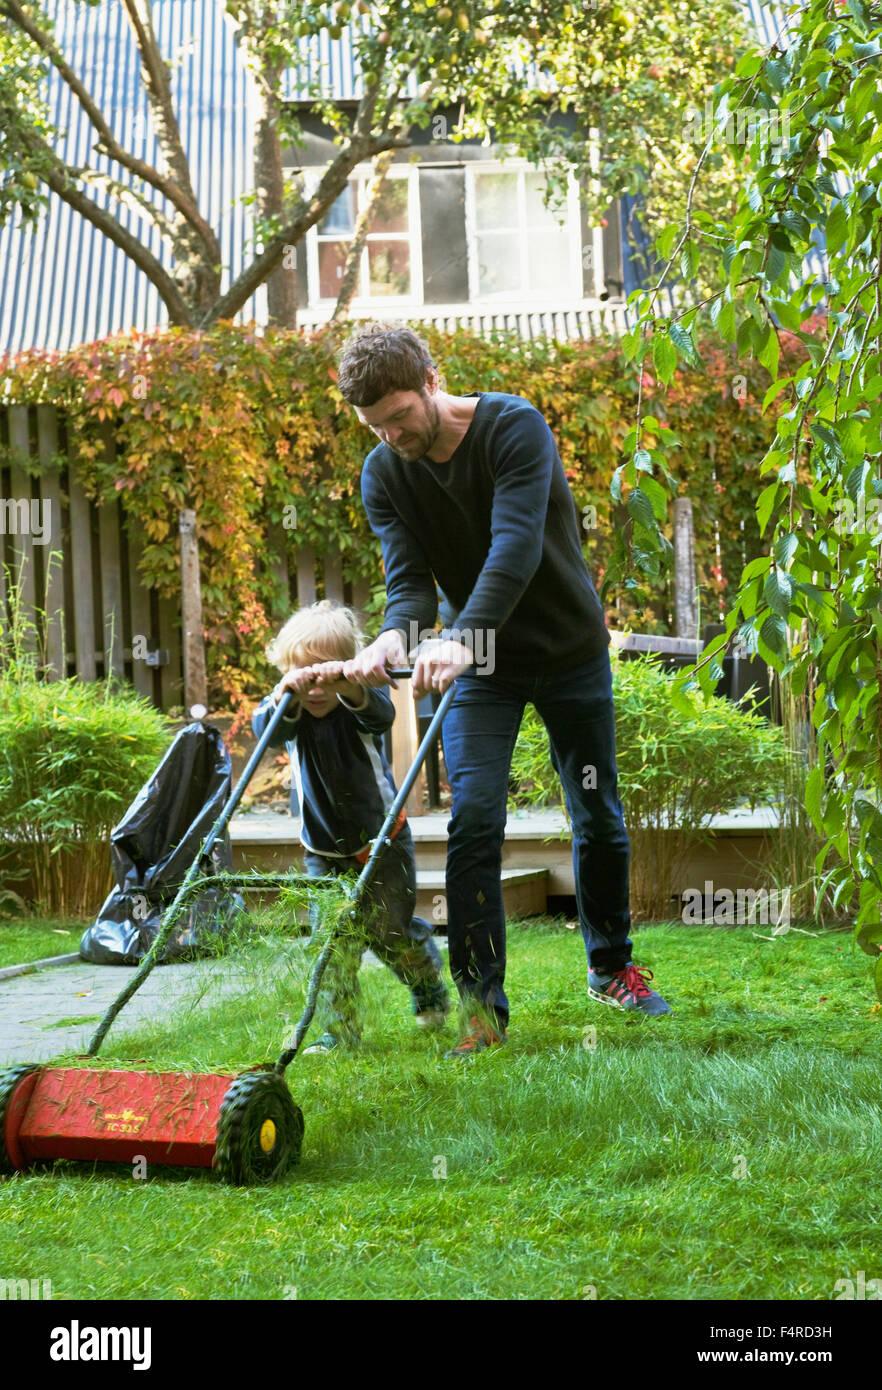 La Svezia, Skane, Osterlen, Borrby, padre e figlio (4-5) la falciatura di prato in giardino interno Immagini Stock